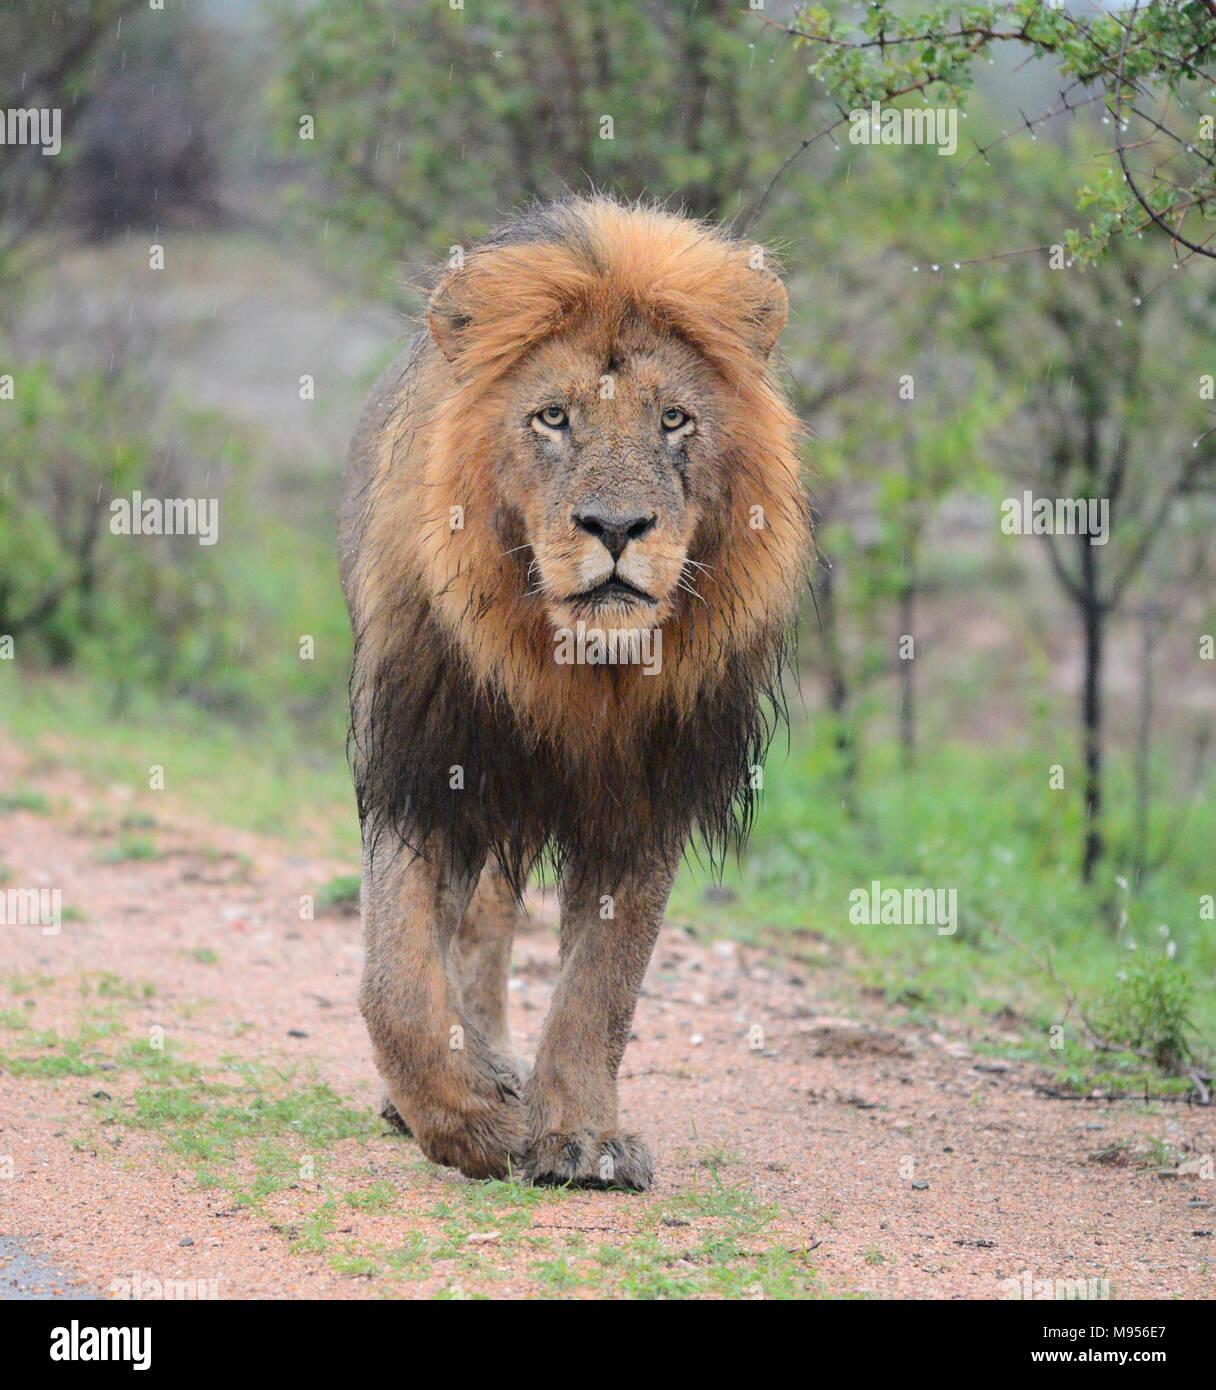 Il Sudafrica è una destinazione turistica popolare per la sua miscela di veri africani e esperienze europee. Il Kruger Park umido leone maschio close-up. Immagini Stock